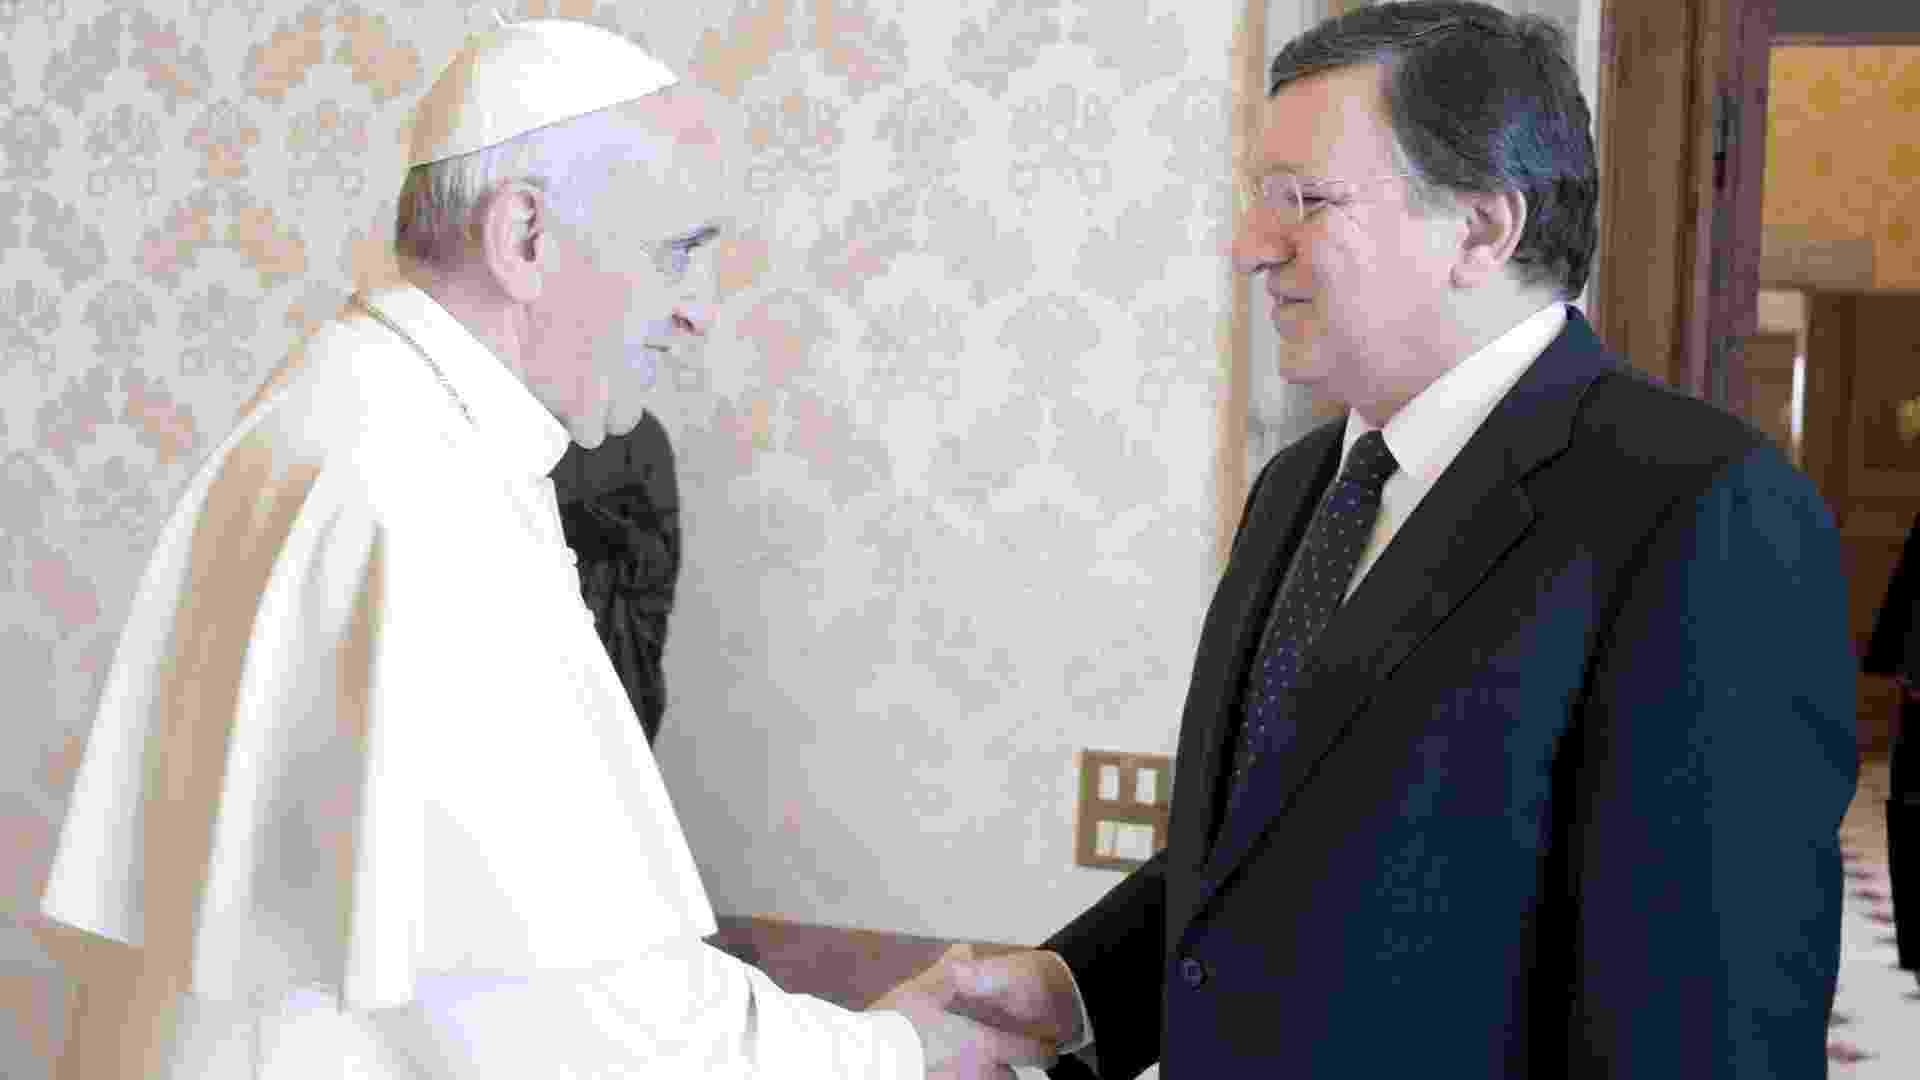 """15.jun.2013 - O papa Francisco se reuniu neste sábado (15) com o presidente da Comissão Europeia, o português José Manuel Durão Barroso, no Vaticano. Os dois, que conversaram a sós durante 15 minutos na biblioteca, dispensaram intérpretes após uma brincadeira do pontífice argentino: """"Na minha terra, dizemos que o português é um espanhol mal falado"""" - L'osservatore Romano/EPA/Efe"""